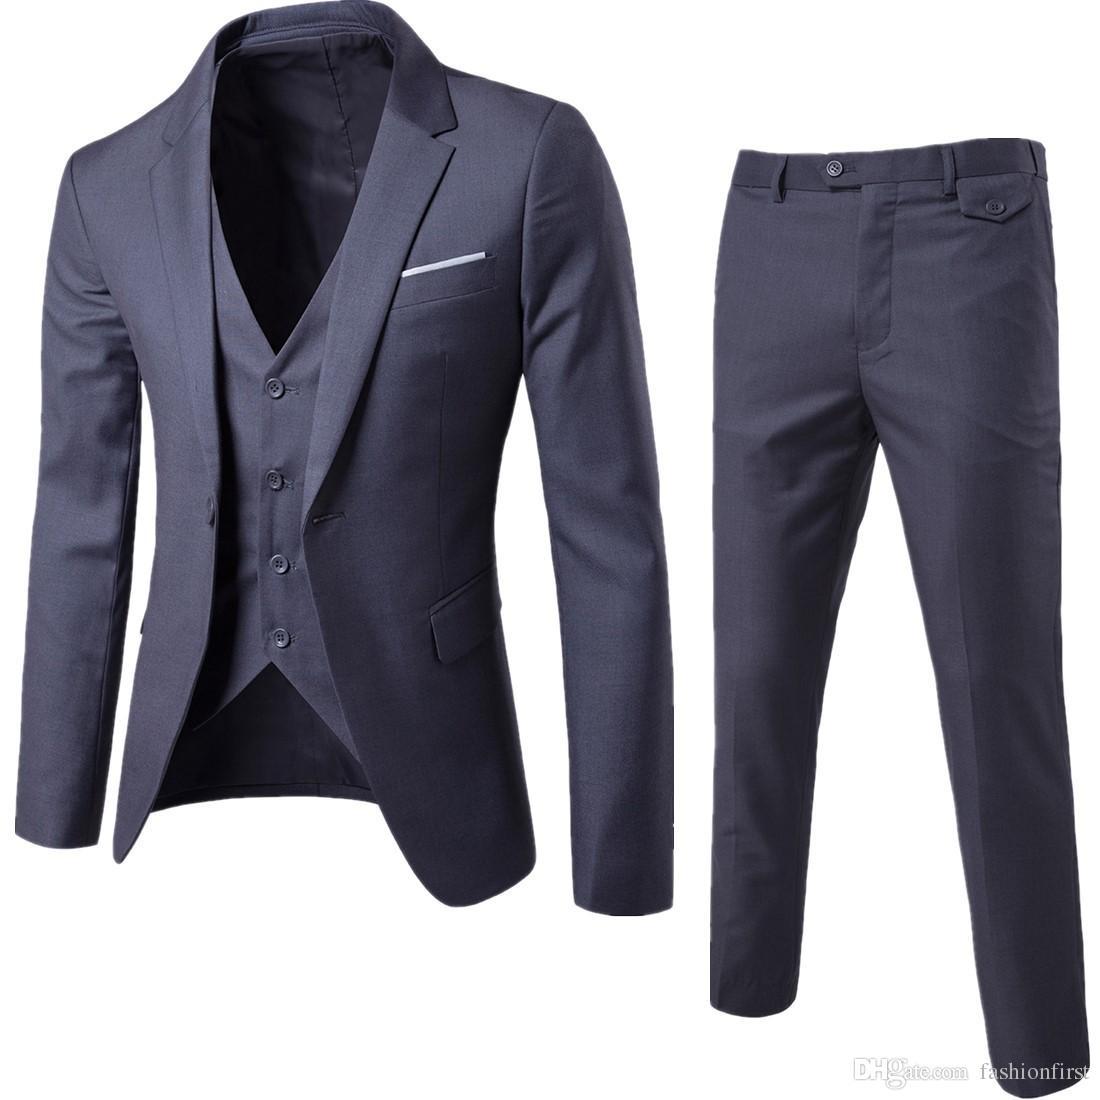 Men's suit blazer coat wedding groom prom fashion exclusive 3 piece suit coat pant shirt suits (Jacket+Pants+Vest)